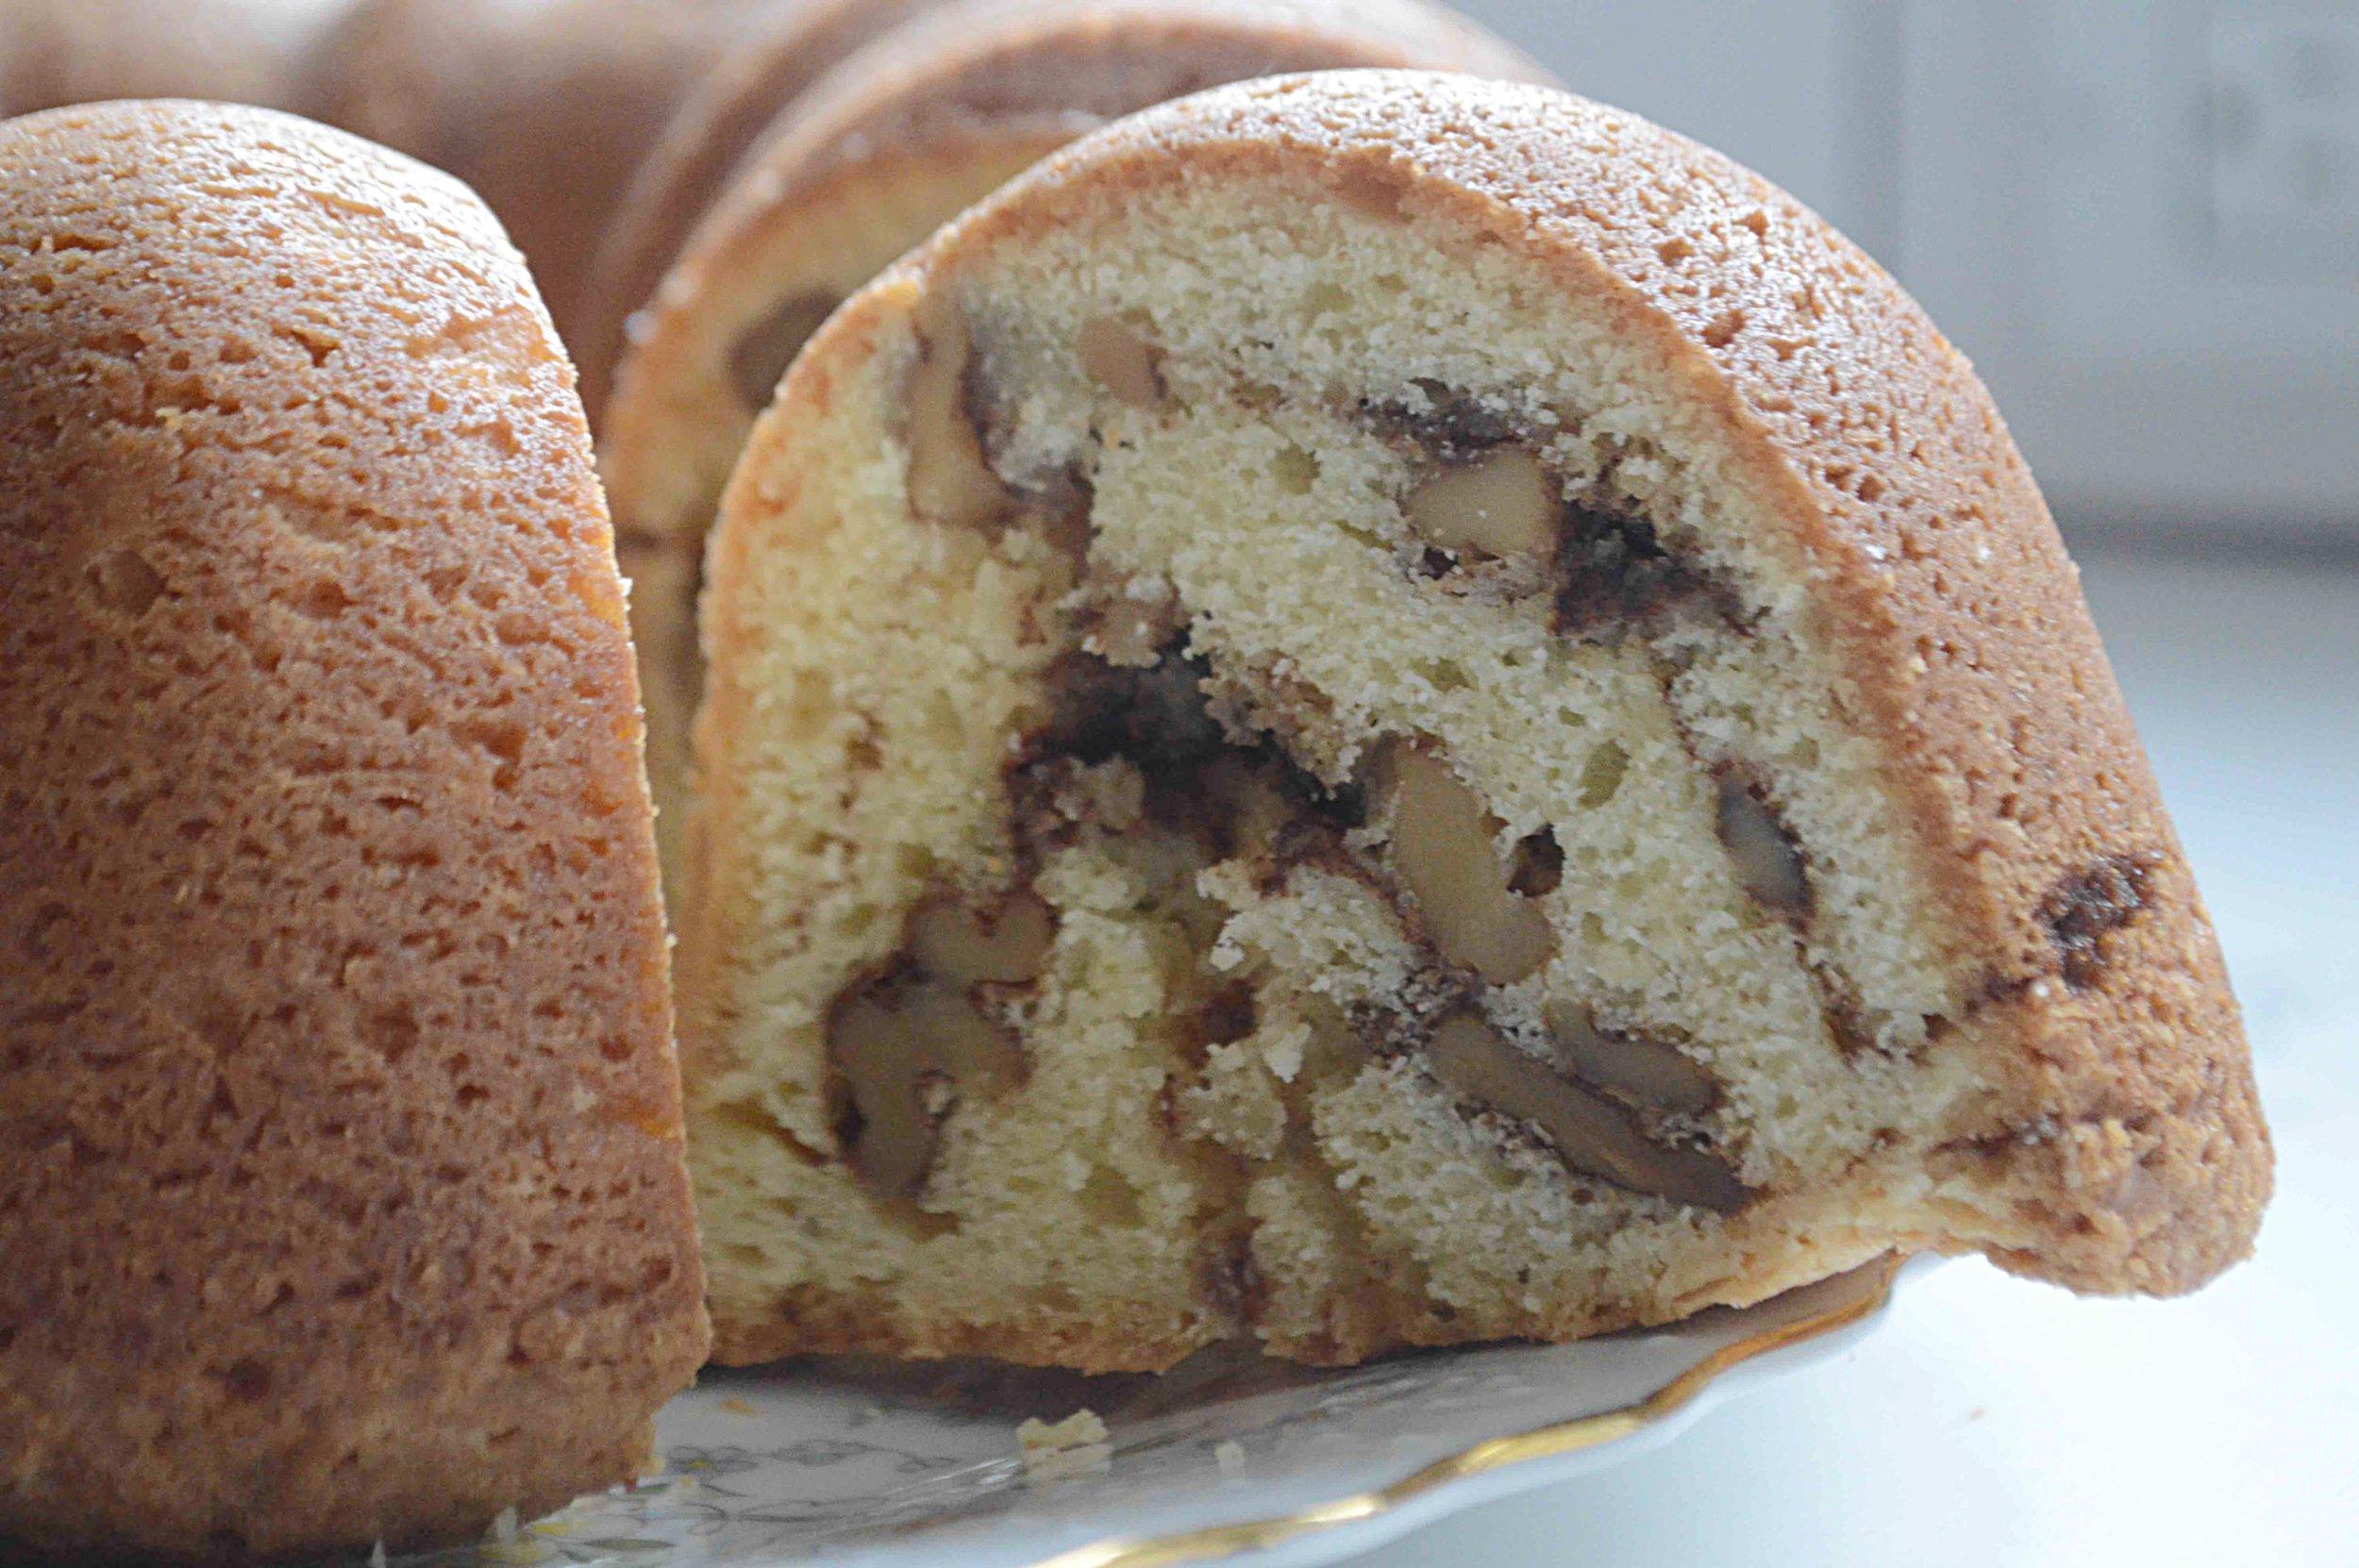 Zingerman's Sour Cream Coffee Cake